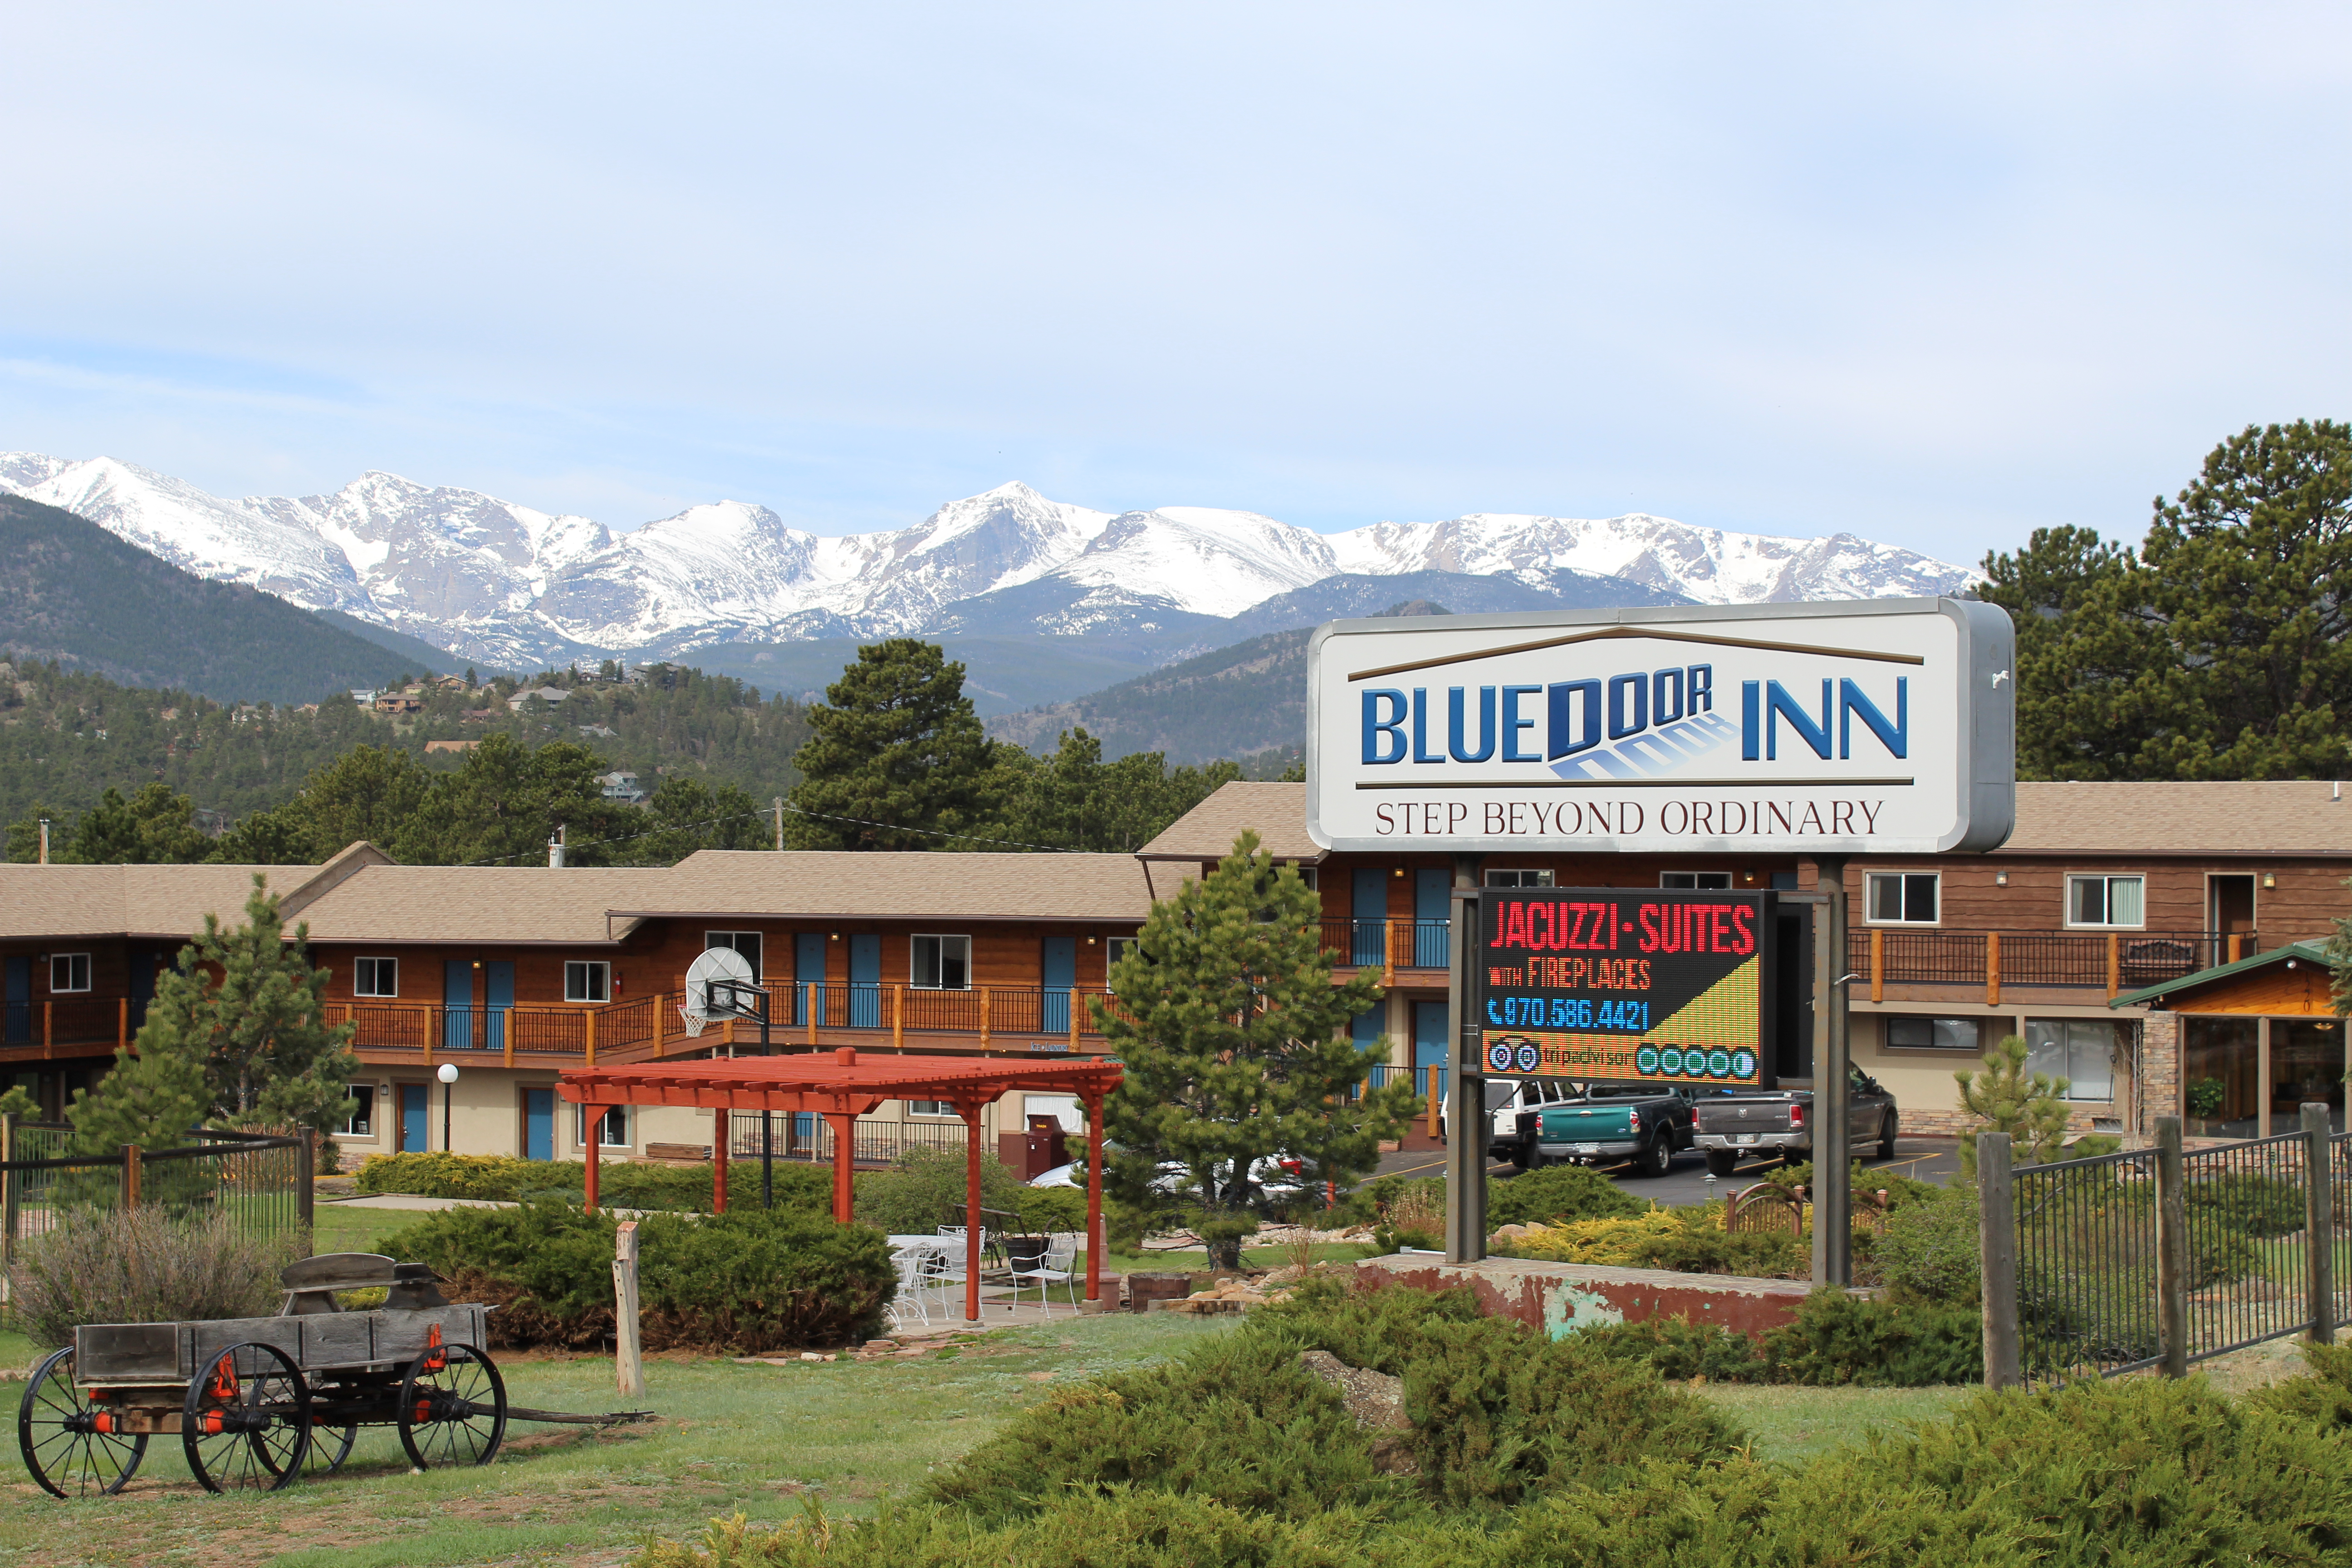 Check Availability · Blue Door Inn Main & Blue-Door-Inn -Main---Jacuzzi-hi-res-3--cf3974575056a36_cf3976c1-5056-a36f-233ef0b3717c59f2.jpg